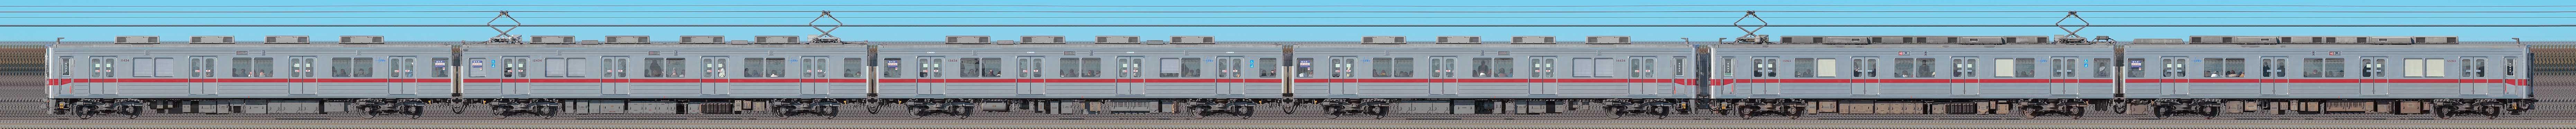 東武鉄道10030型11434編成+11263編成(海側)の編成サイドビュー